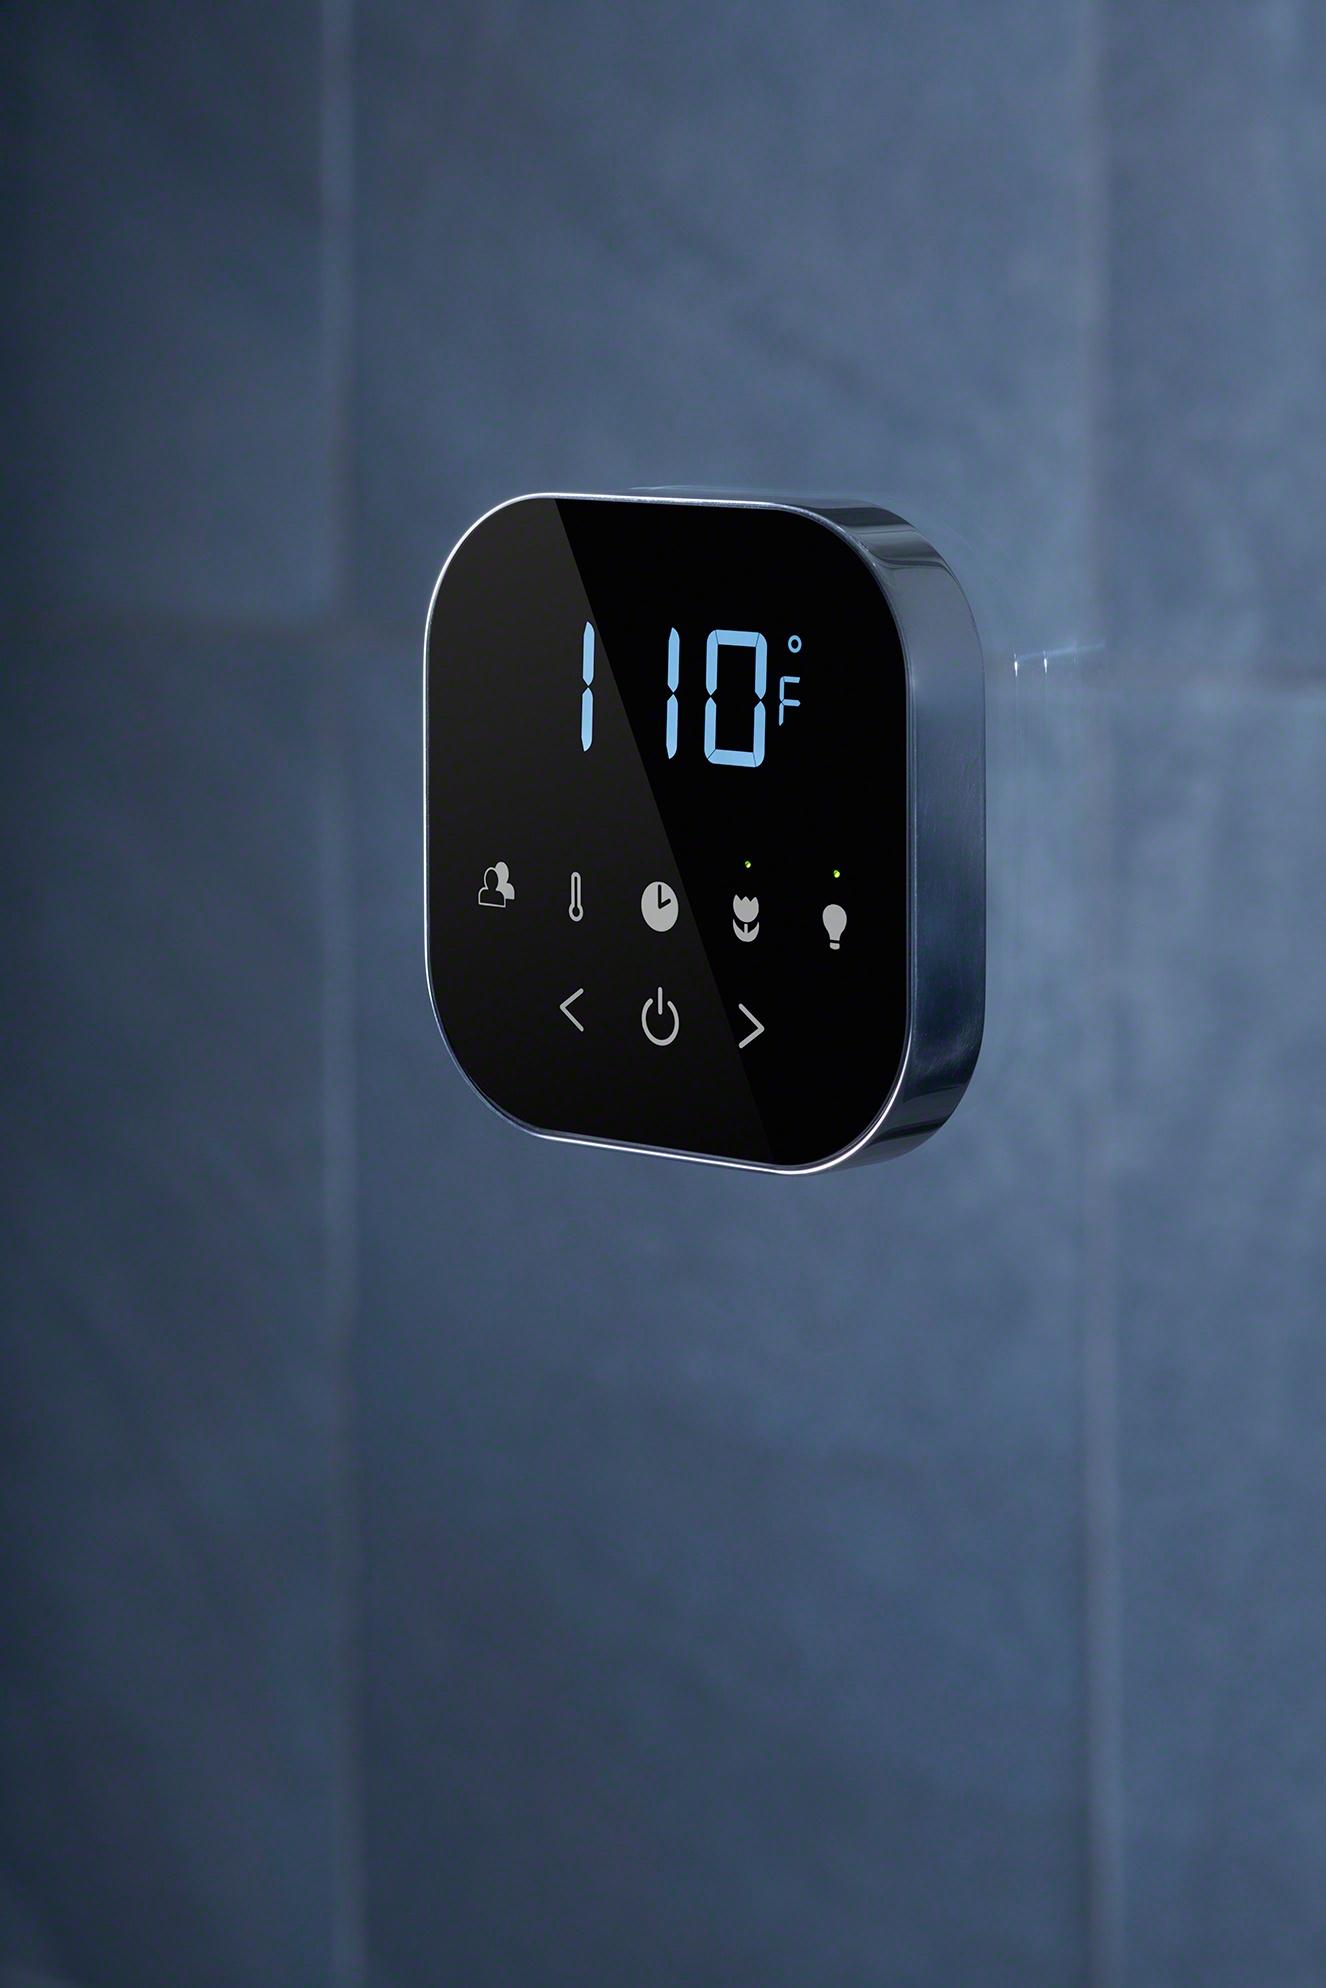 Steam shower control installation-AirTempo